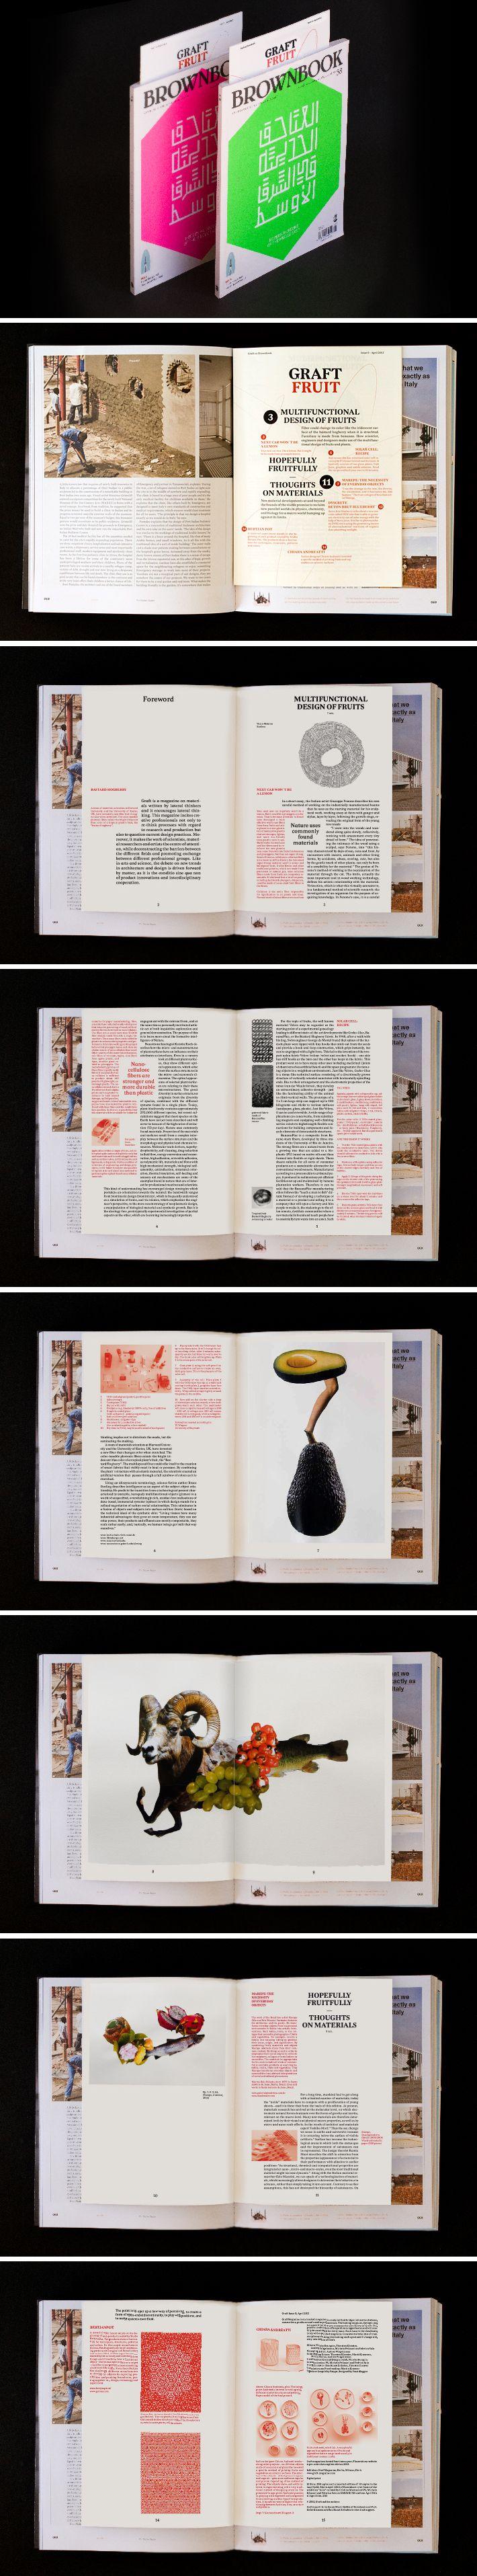 Graft Magazine - Fruit Issue. Inside BROWNBOOK